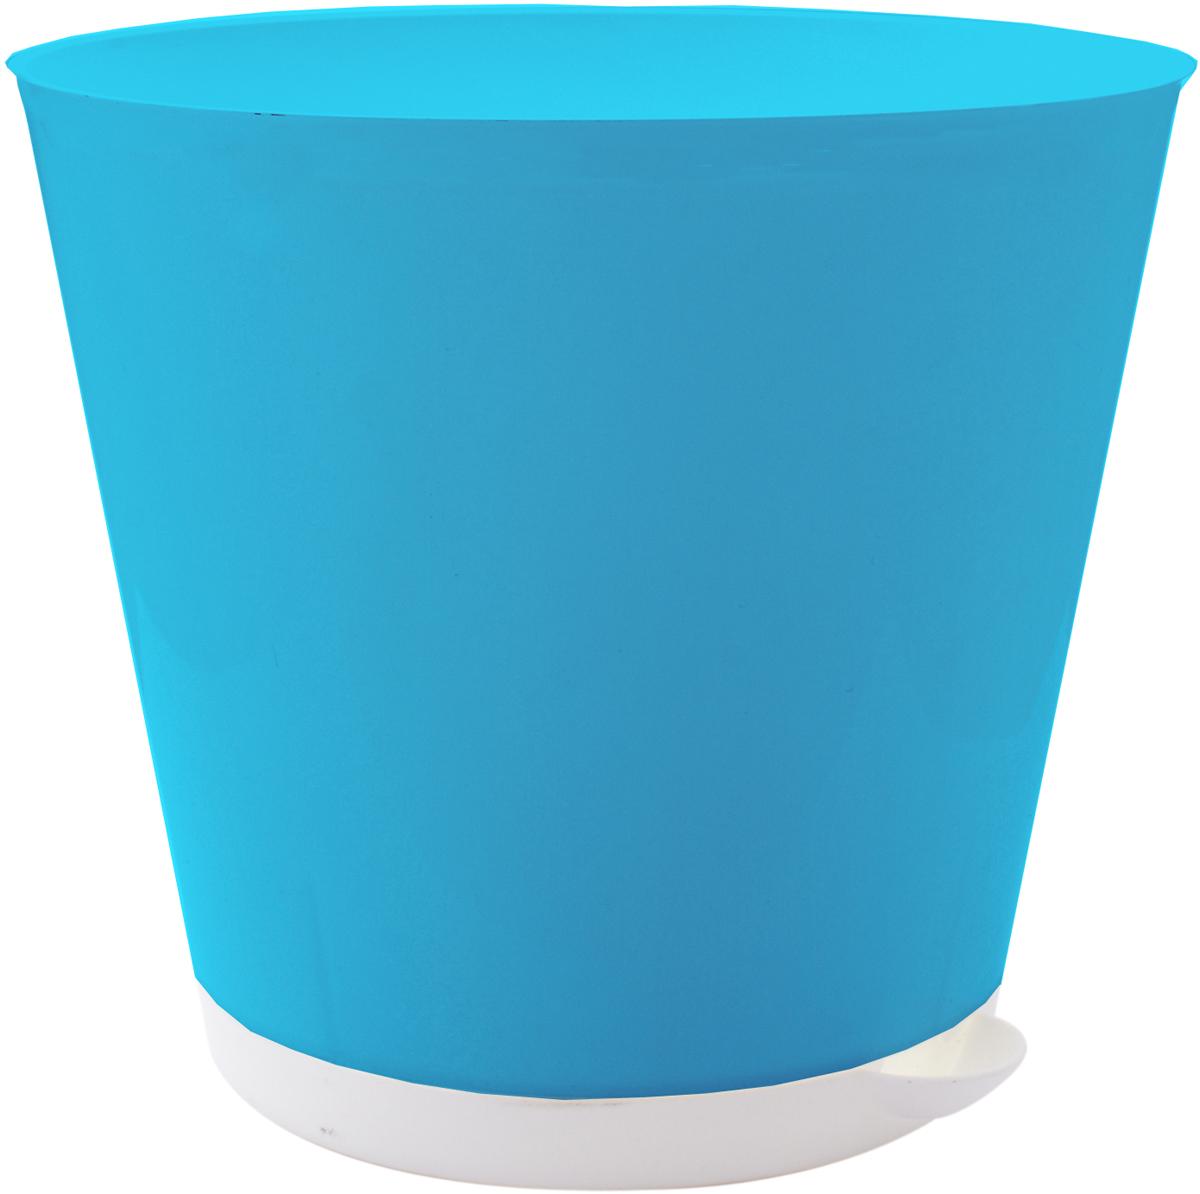 """Горшок для цветов InGreen """"Крит"""", с системой прикорневого полива, цвет: светло-синий, белый, диаметр 22,6 см ING46022СВСН"""